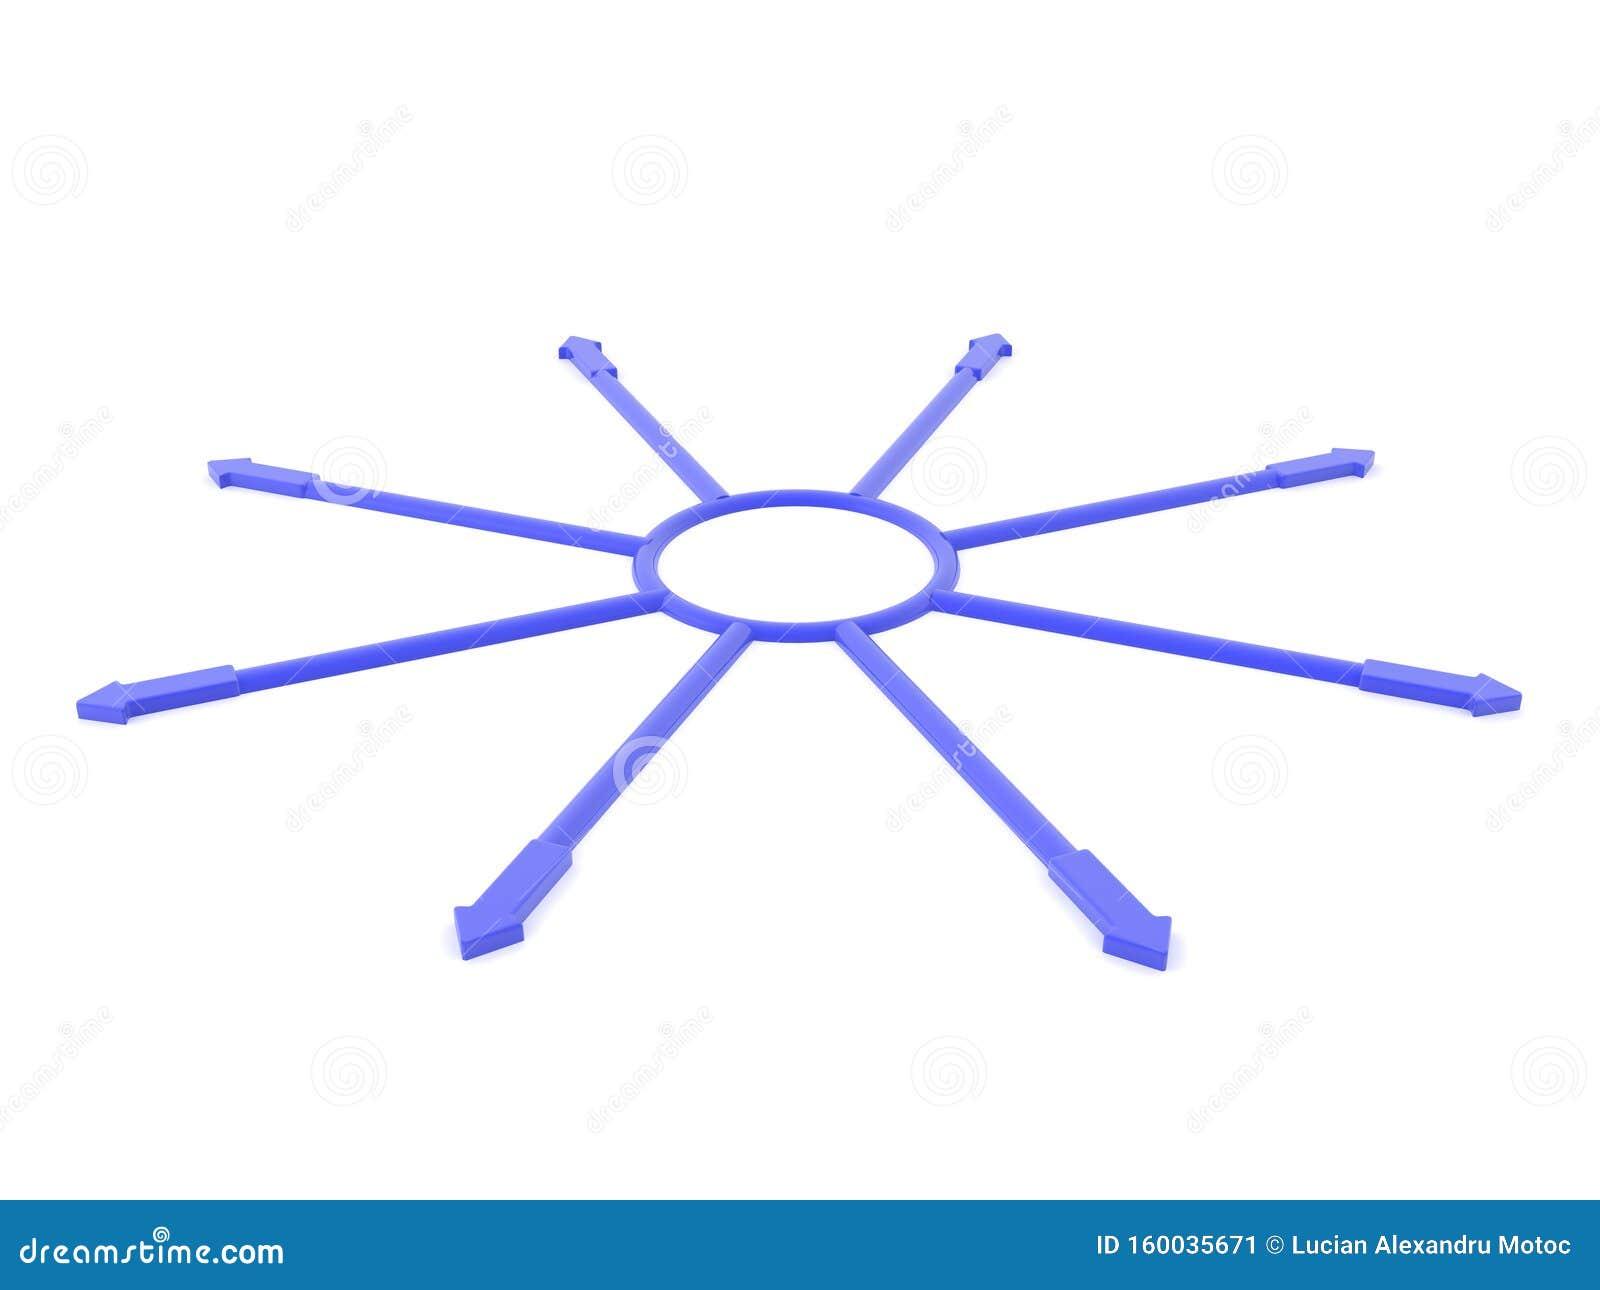 3D Rendering van cirkel met pijlen die in alle richtingen uitkomen